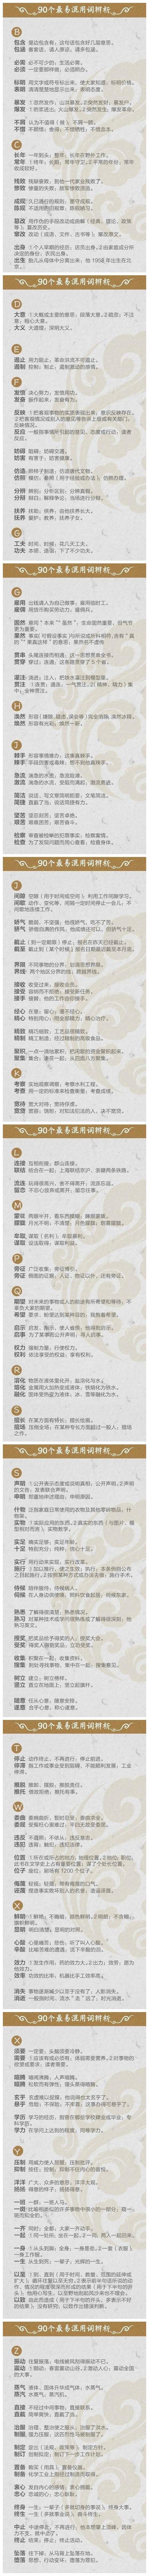 盘点90个最易混用词辨析,2020年江苏省考加油!